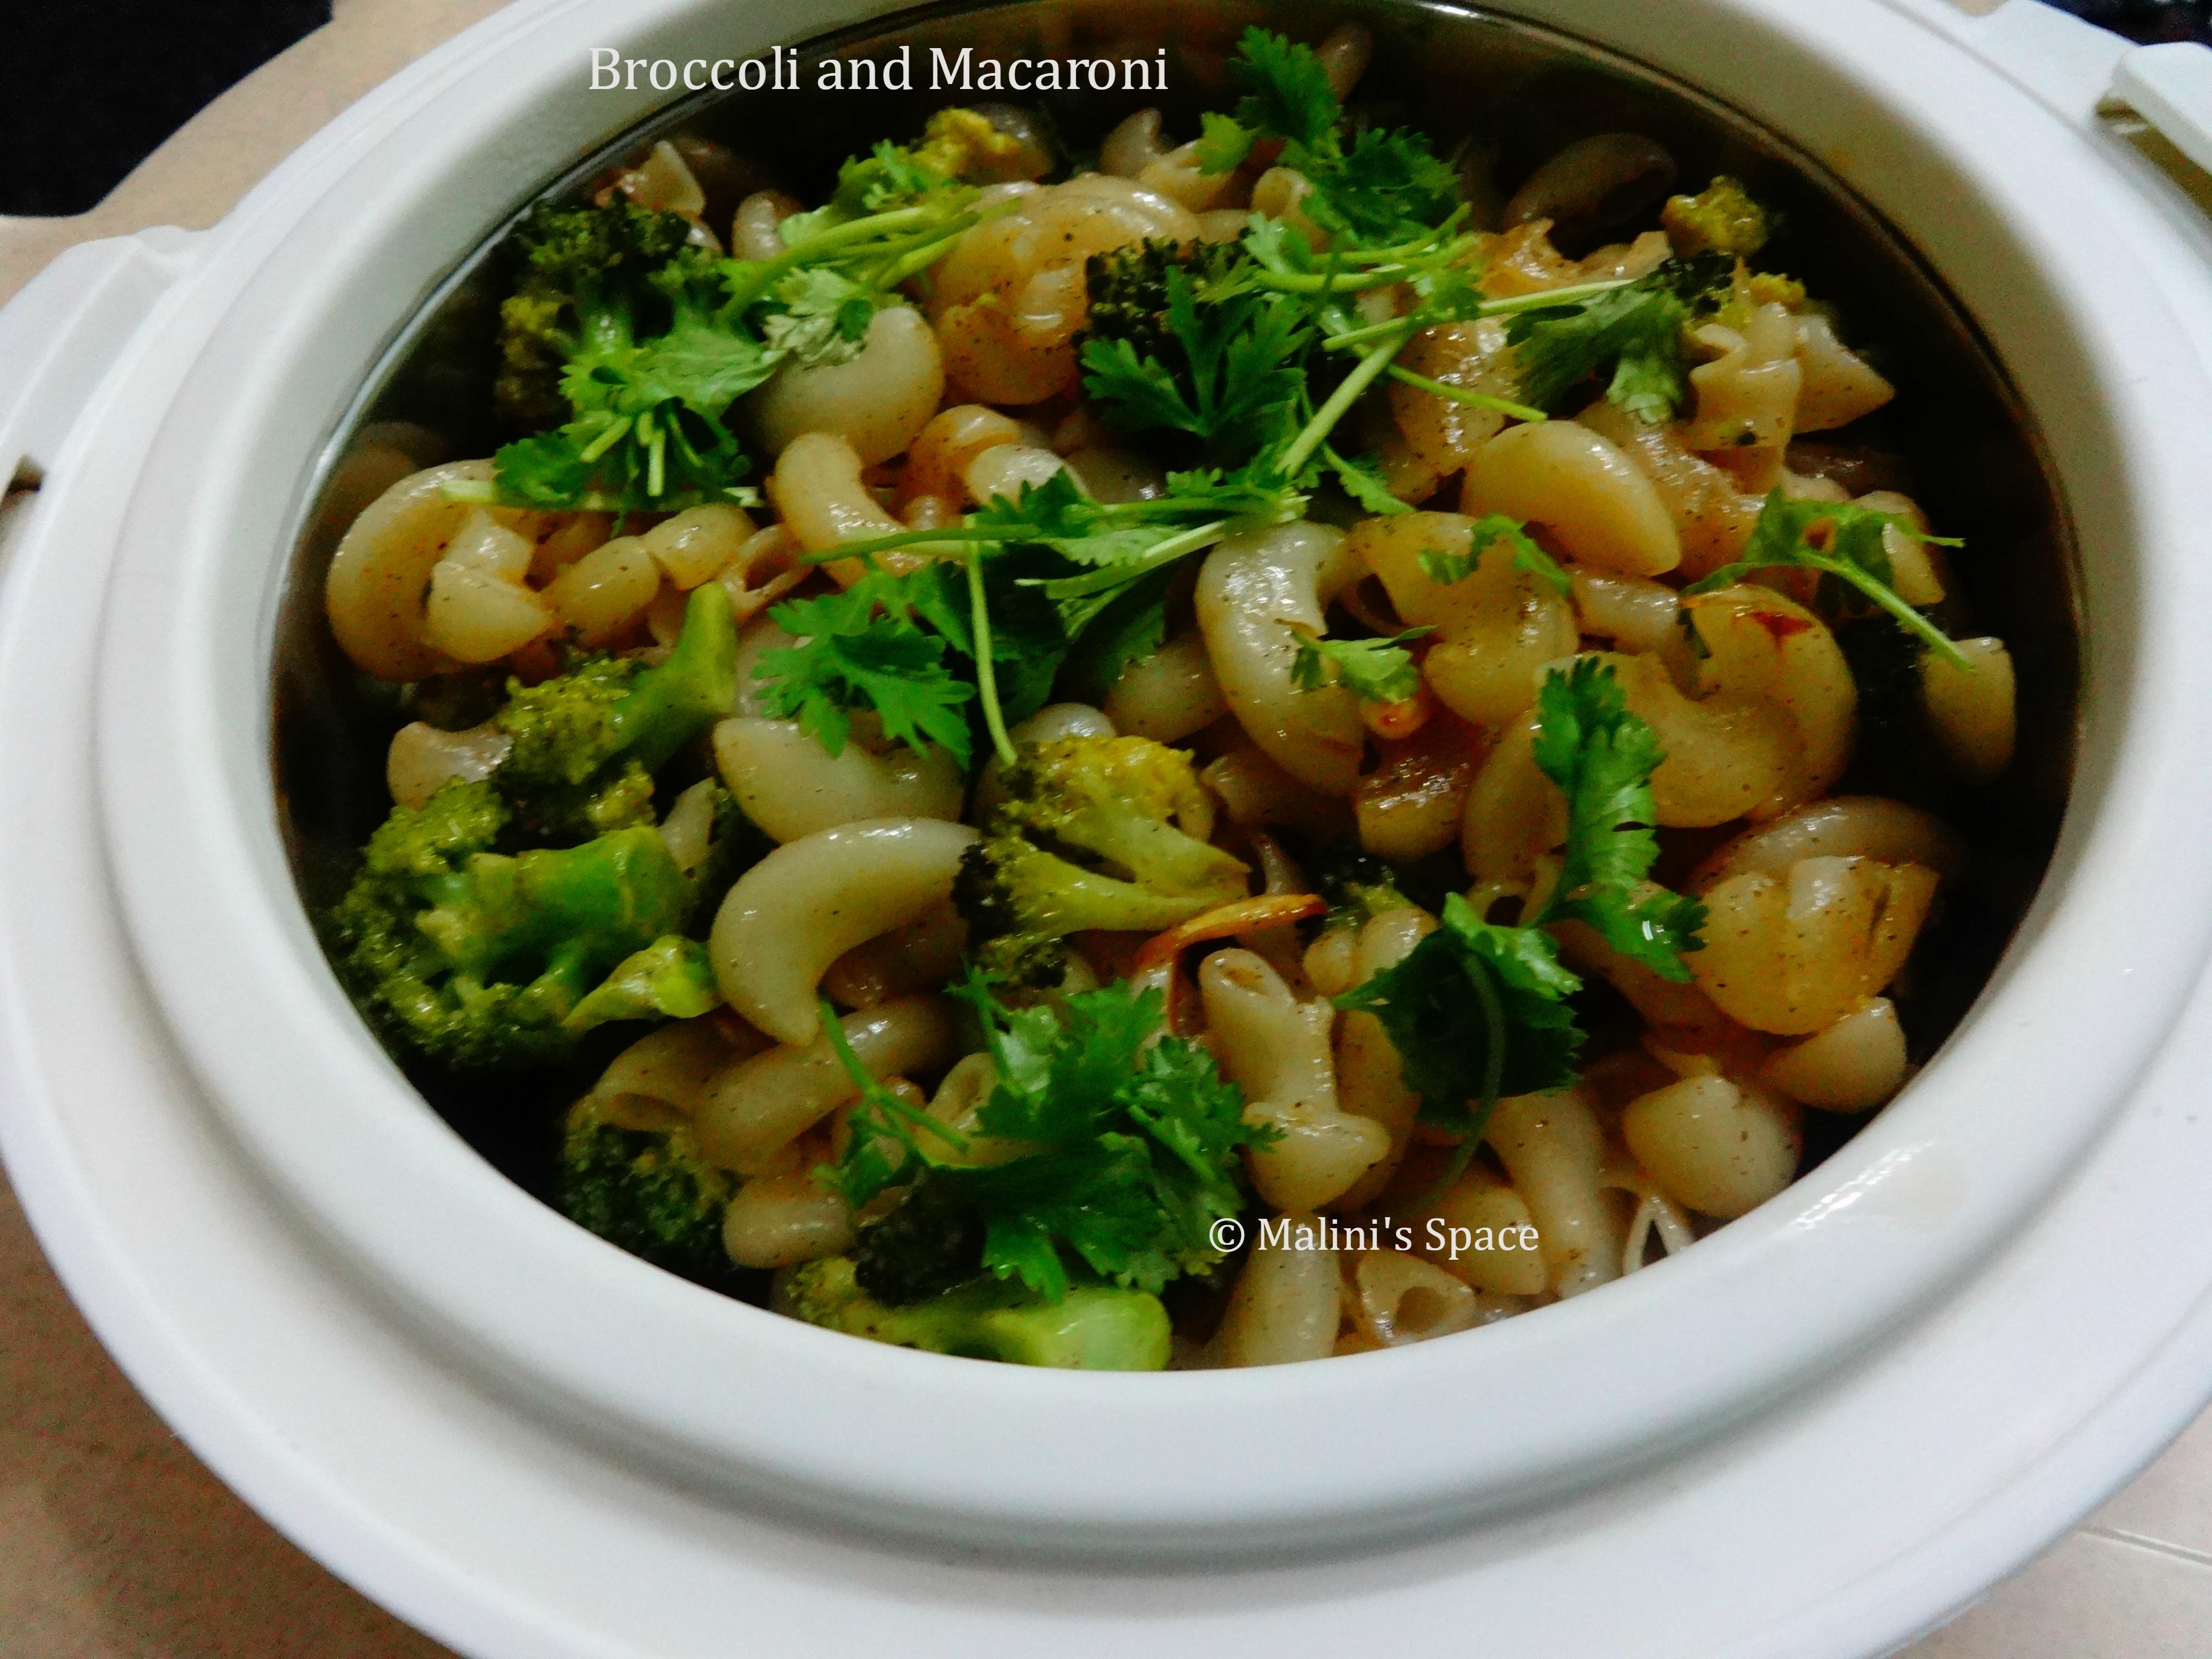 Broccoli and Macaroni